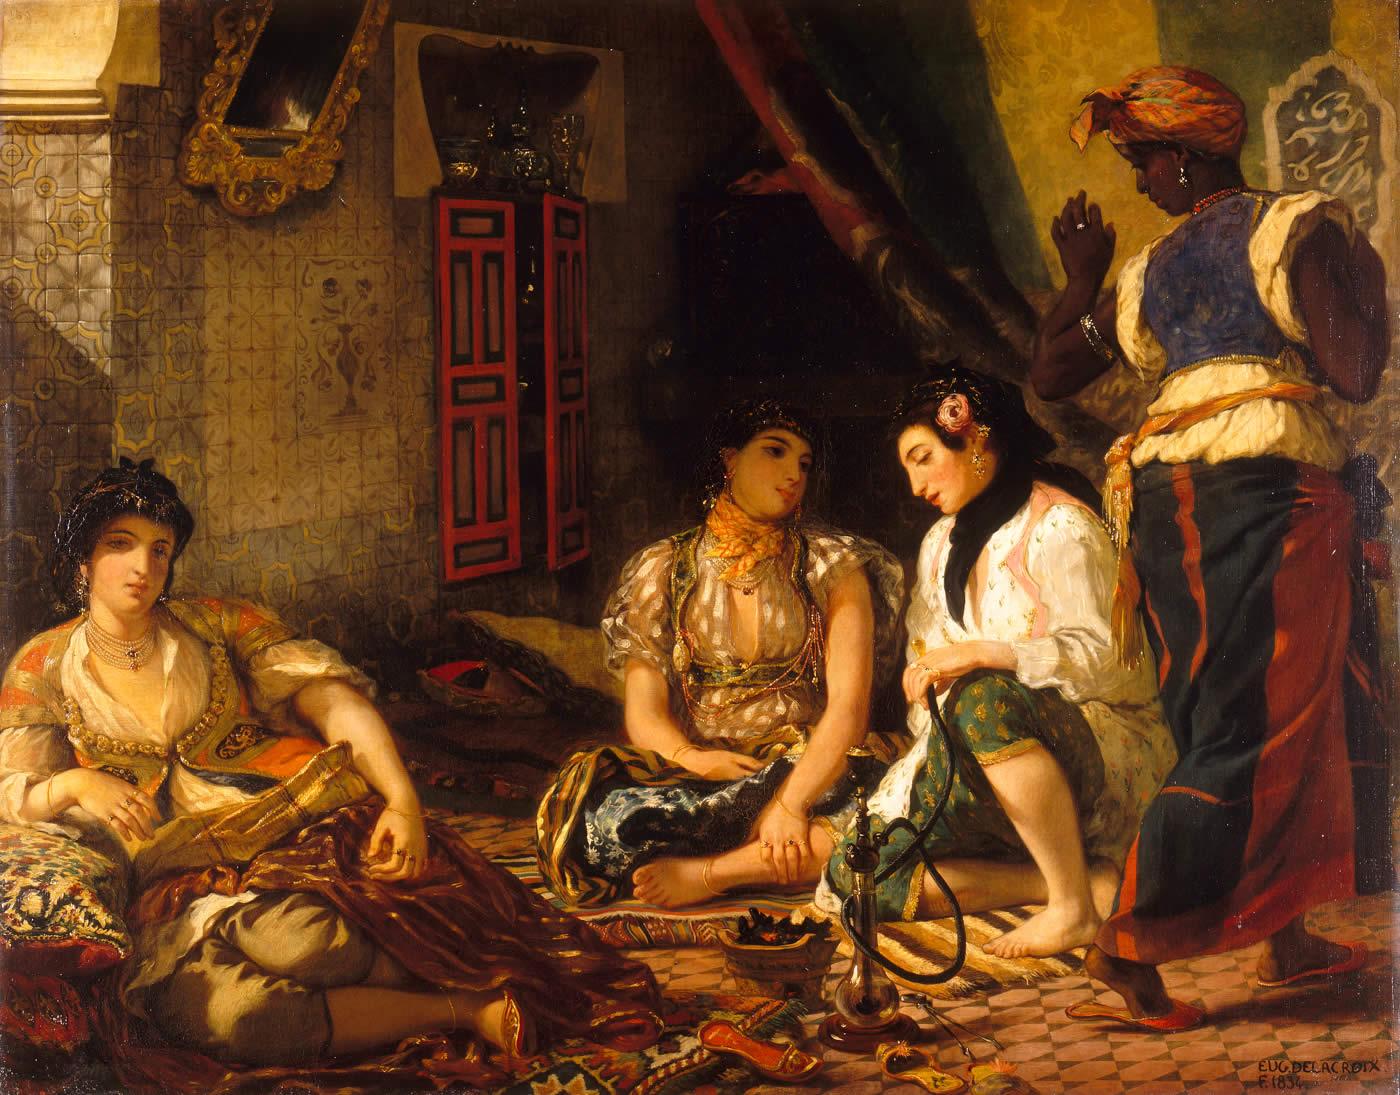 Eugène Delacroix, Femmes d'Alger dans leur appartement, 1834, Paris, musée du Louvre